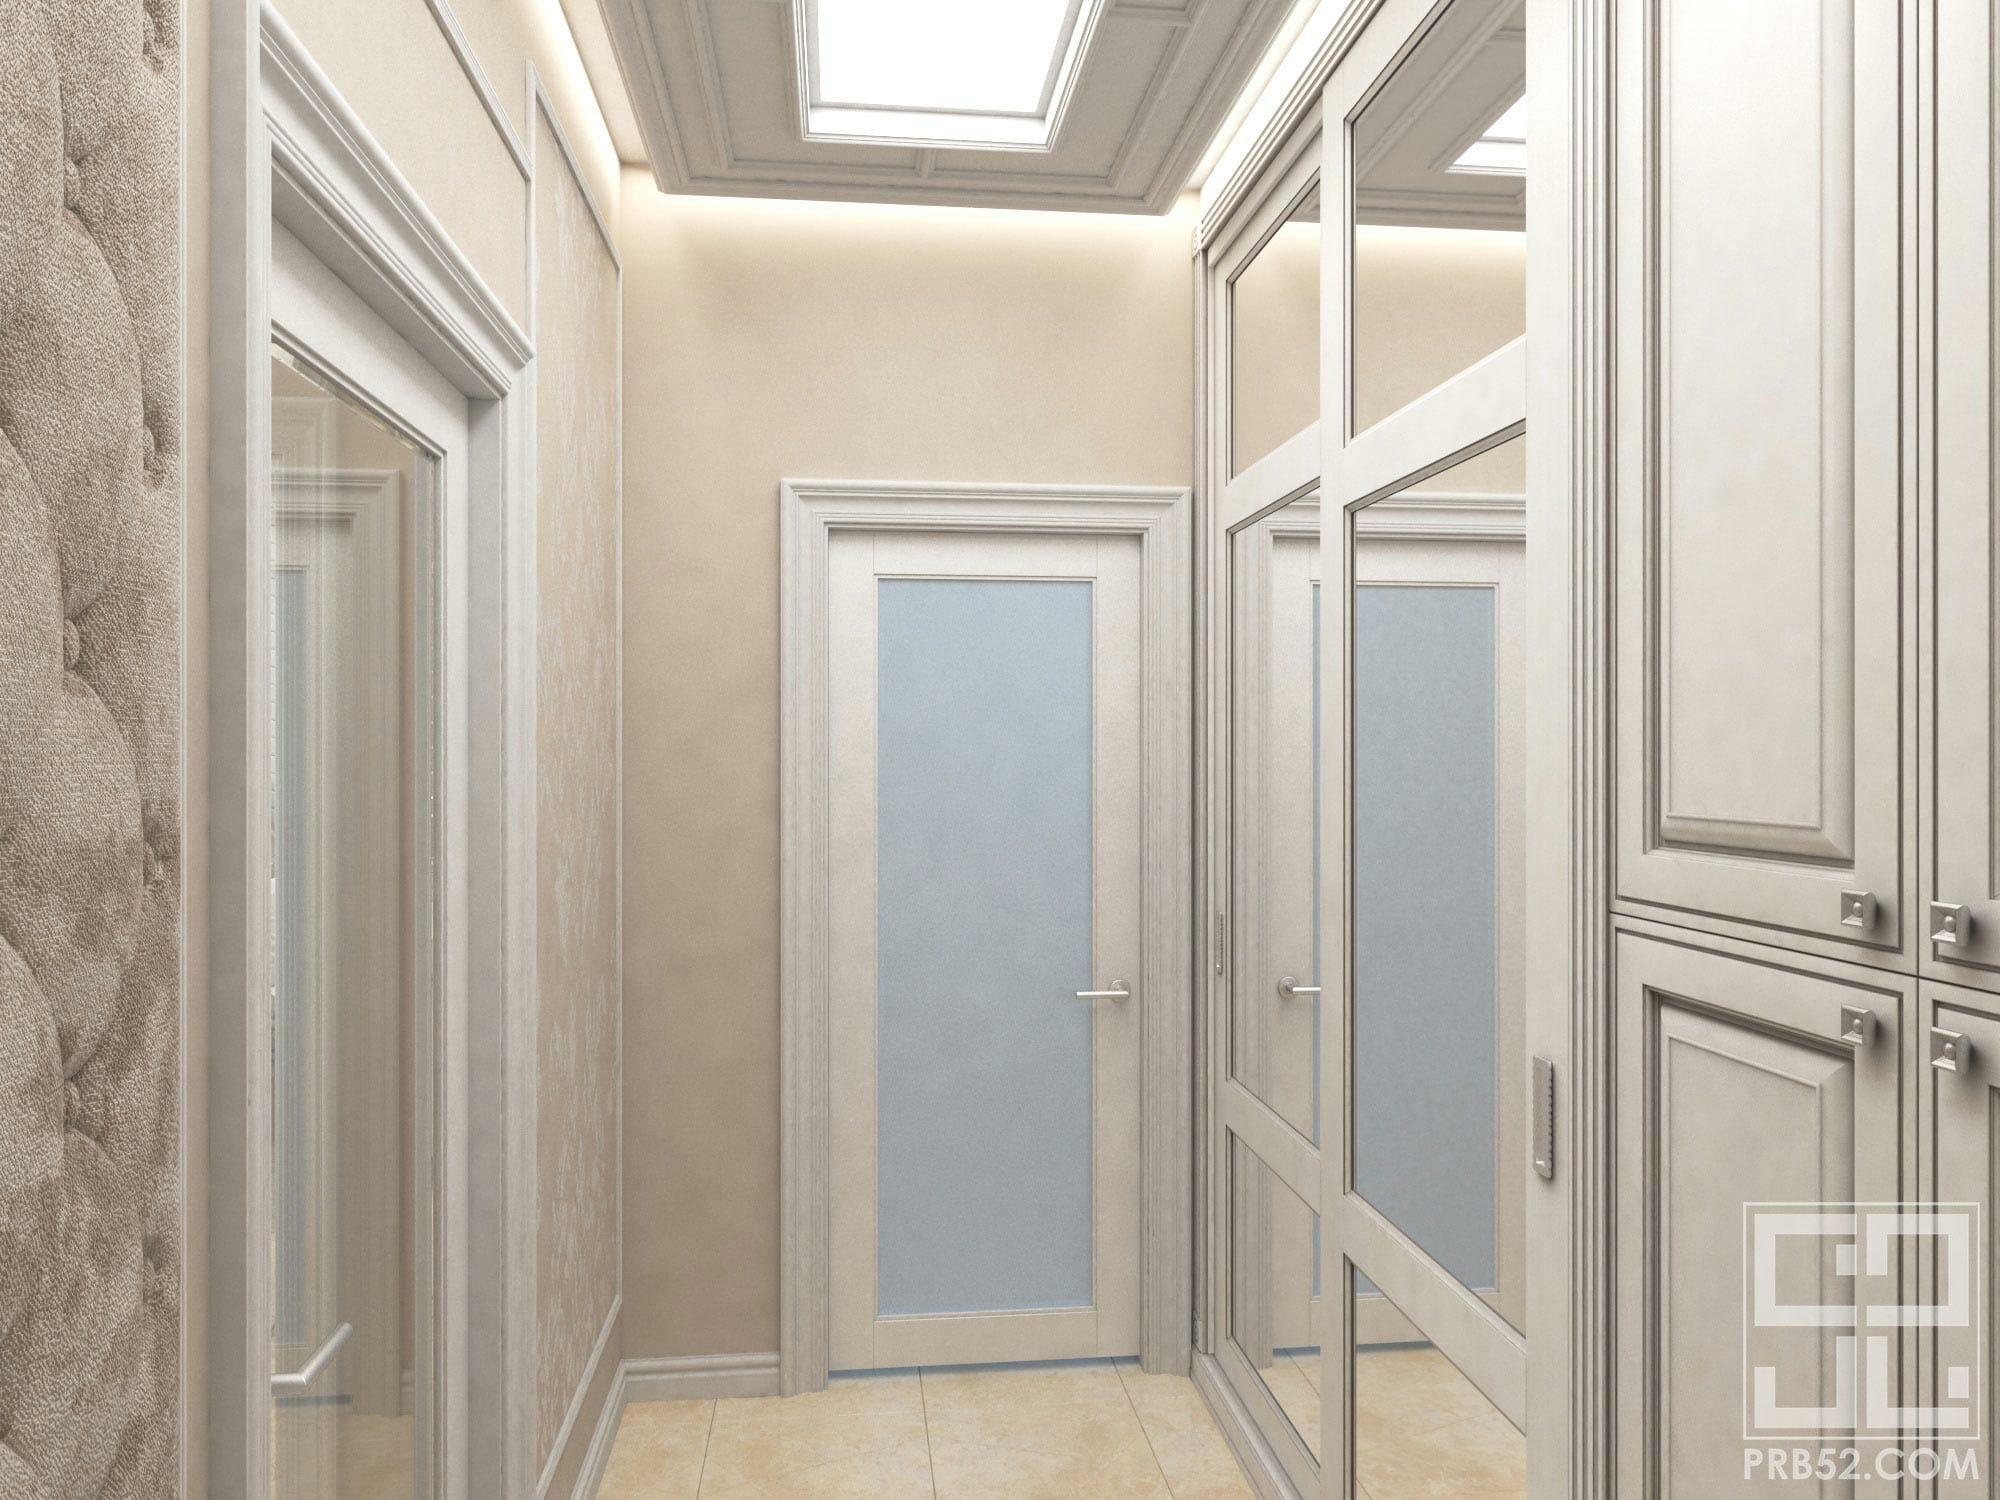 дизайн интерьера коридора в классическом стиле